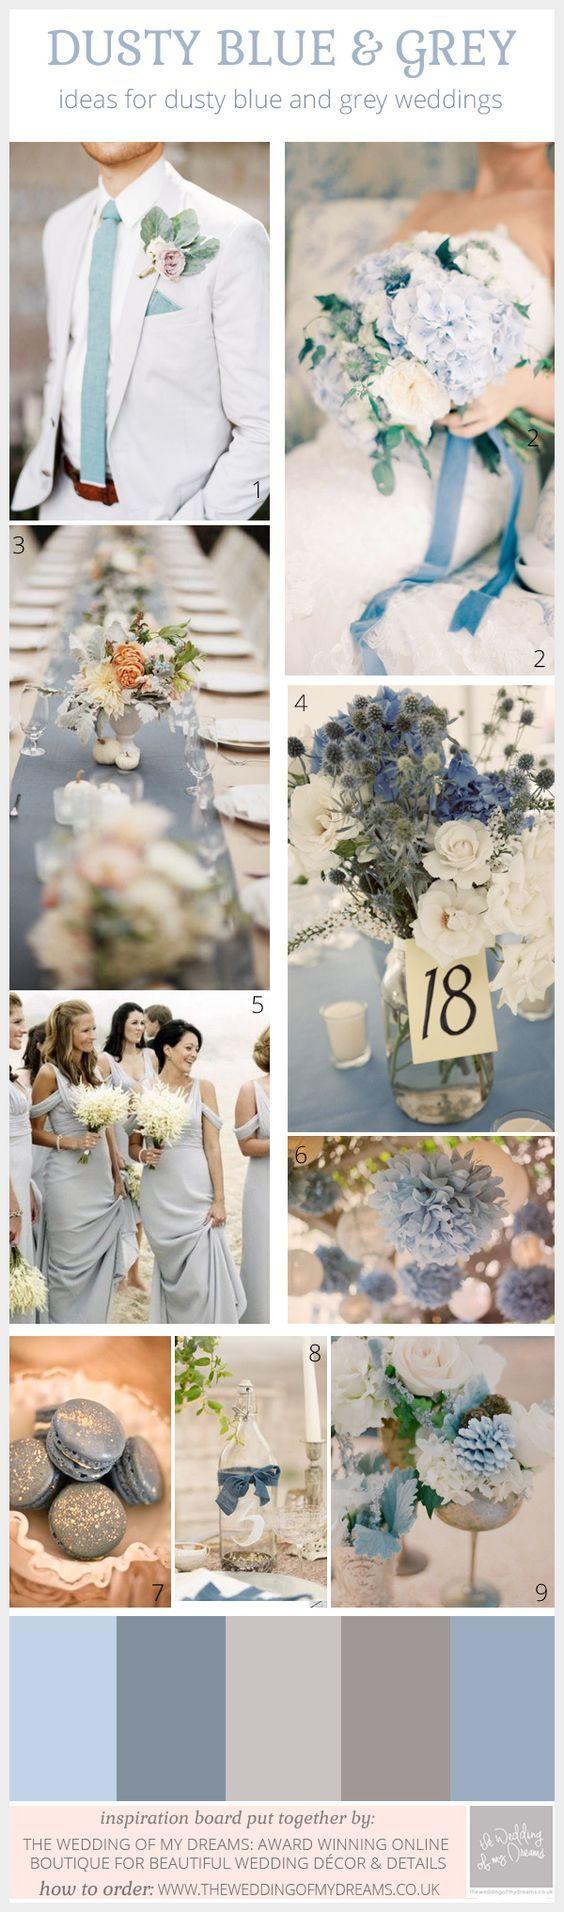 Dusty Blue And Grey Wedding Ideas Inspiration Wedding Color Combinations Wedding Colors Gray Weddings